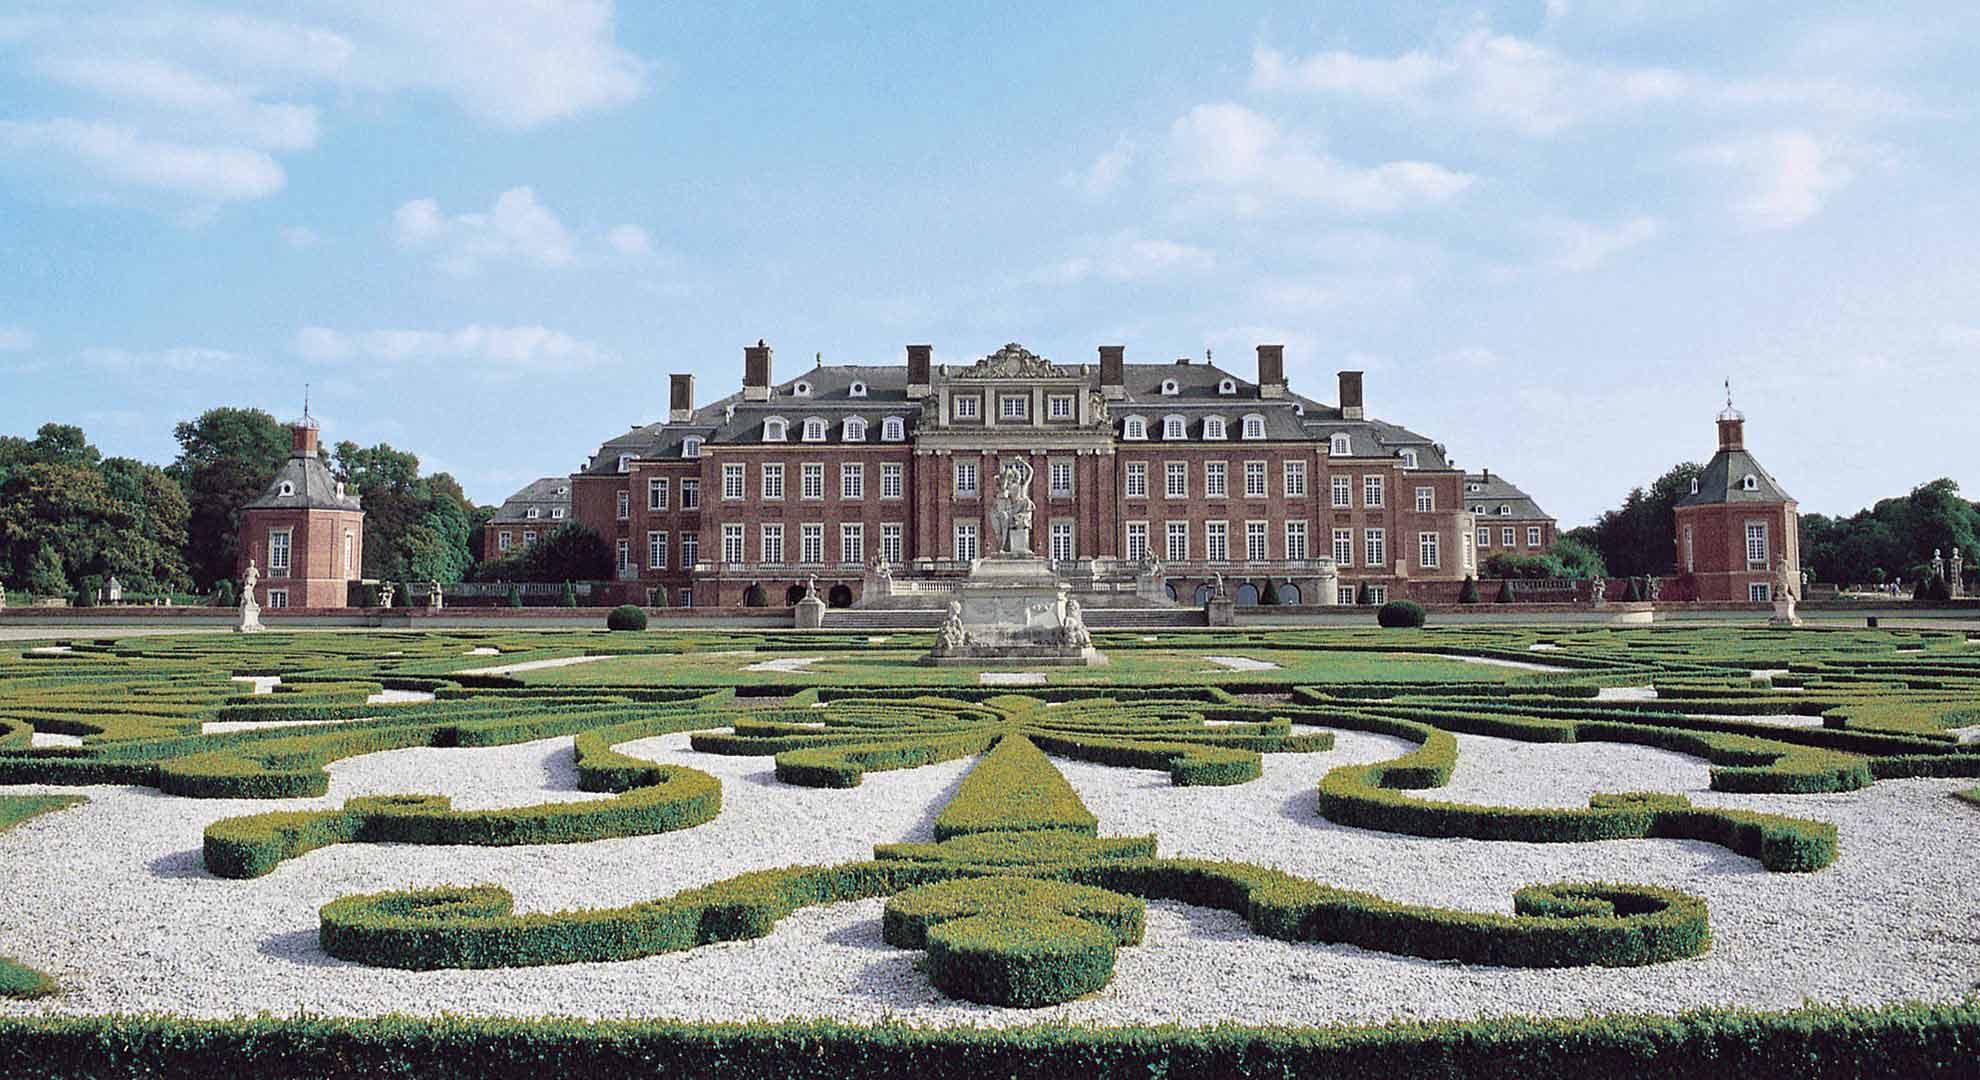 Schloss Nordkirchen wordt ook wel het Versailles van Westfalen genoemd.